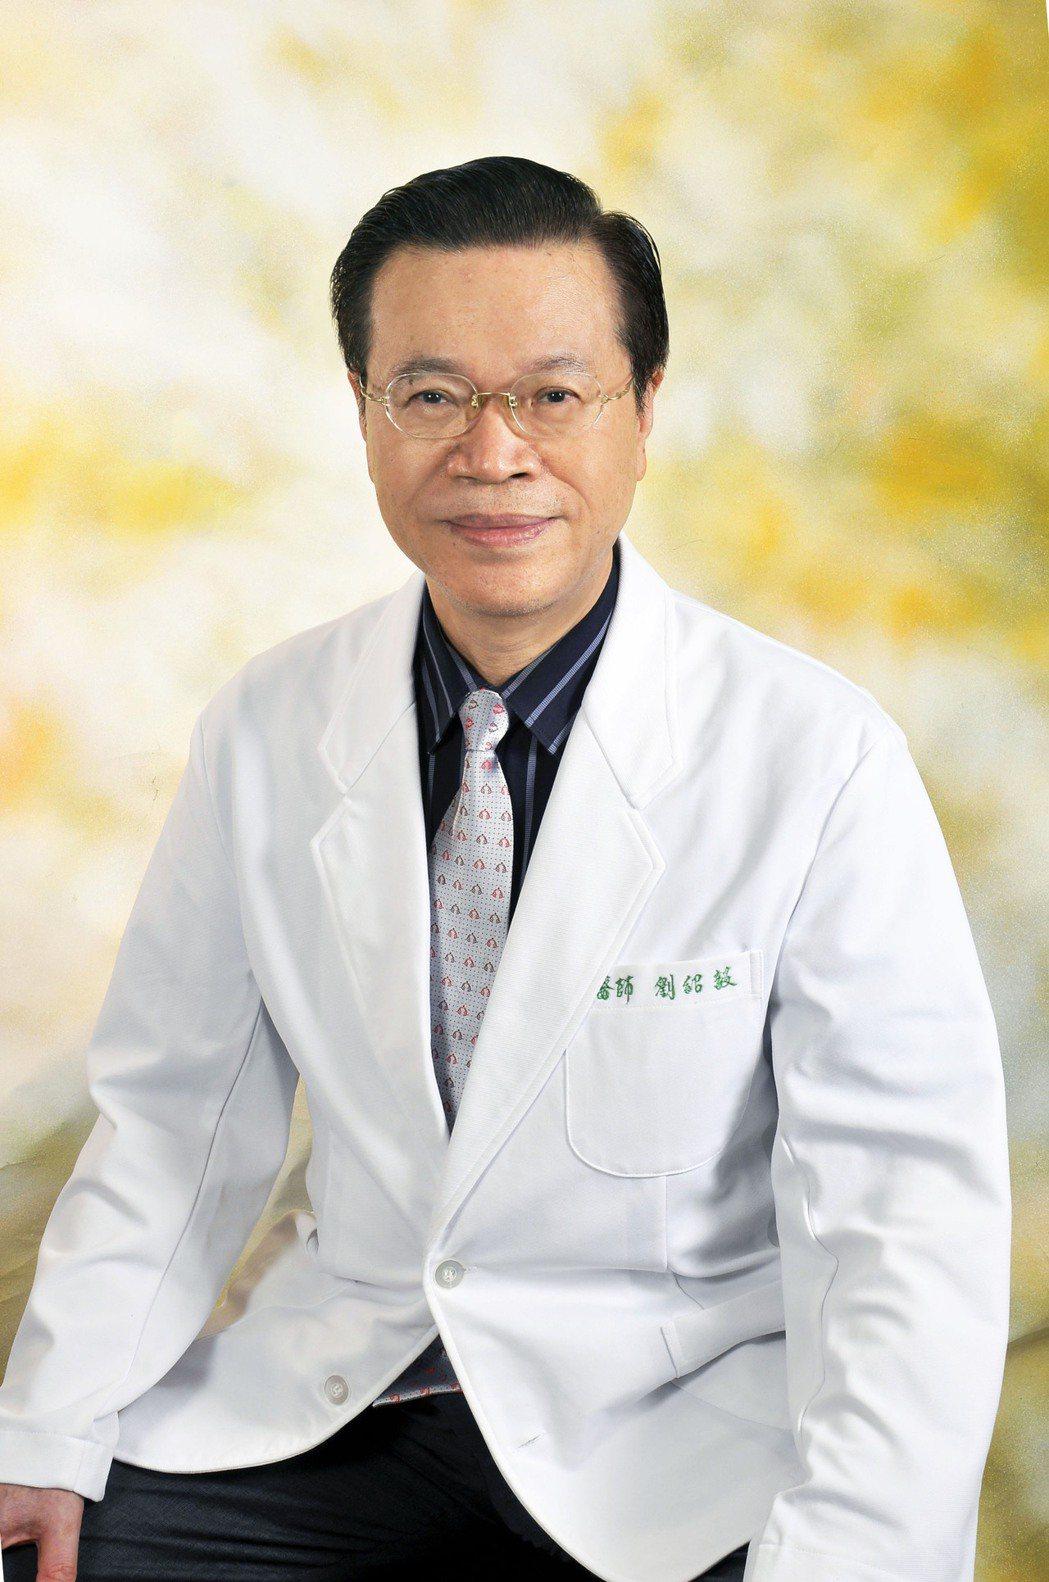 劉紹毅醫師呼籲,綠兒茶素成份經過協同作用才能真正有保護力。台灣血液淨化醫學會、綠...